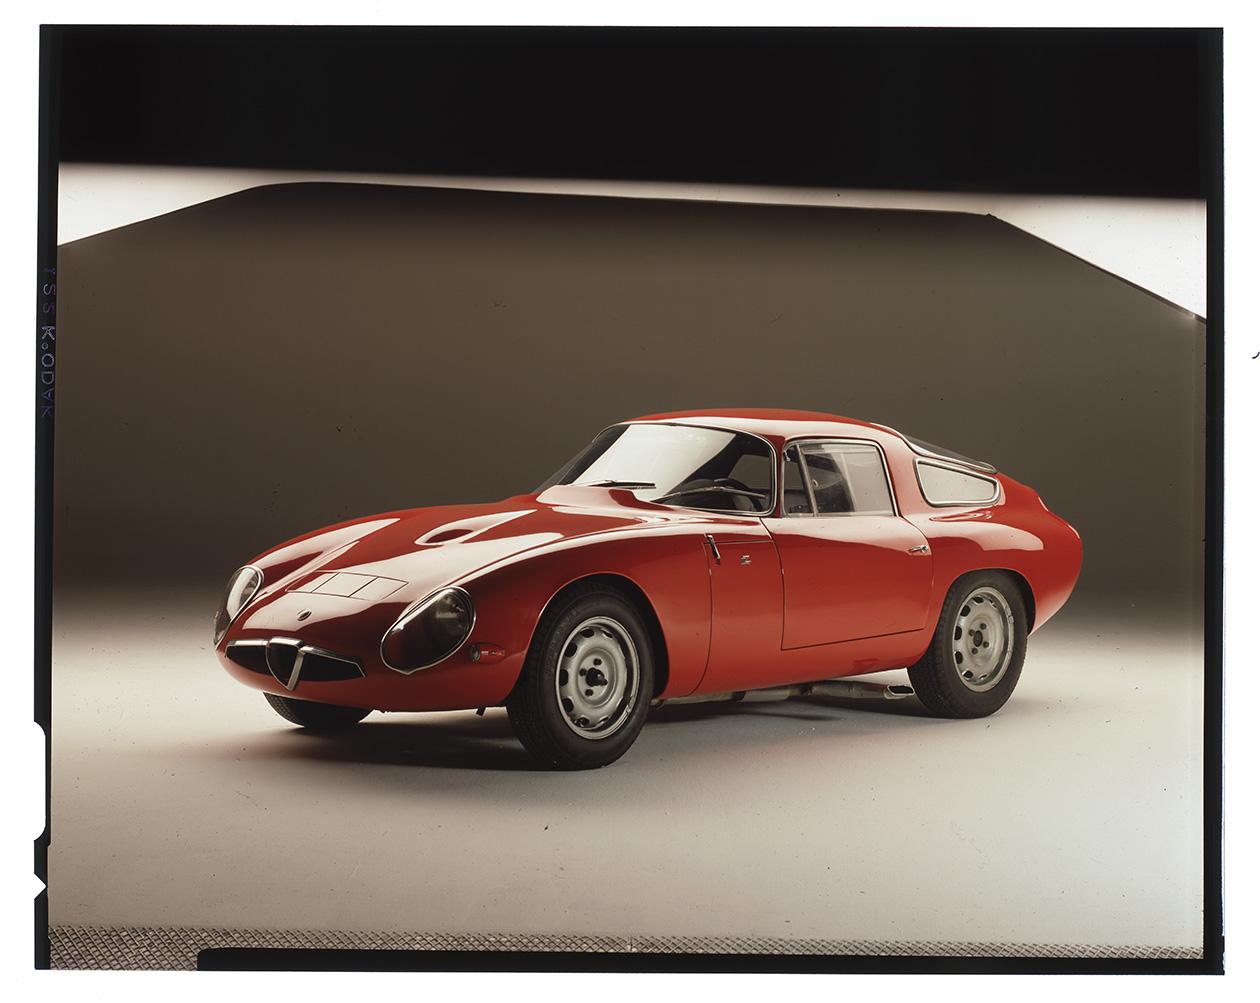 182 001 Δεν γνωρίζεις τι εστί Alfa Romeo άμα δεν γνωρίζεις την ιστορία της Alfa, alfa romeo, Alfa Romeo Soul, Alfisti, Giulia, Heritage, museoalfaromeo, videos, zblog